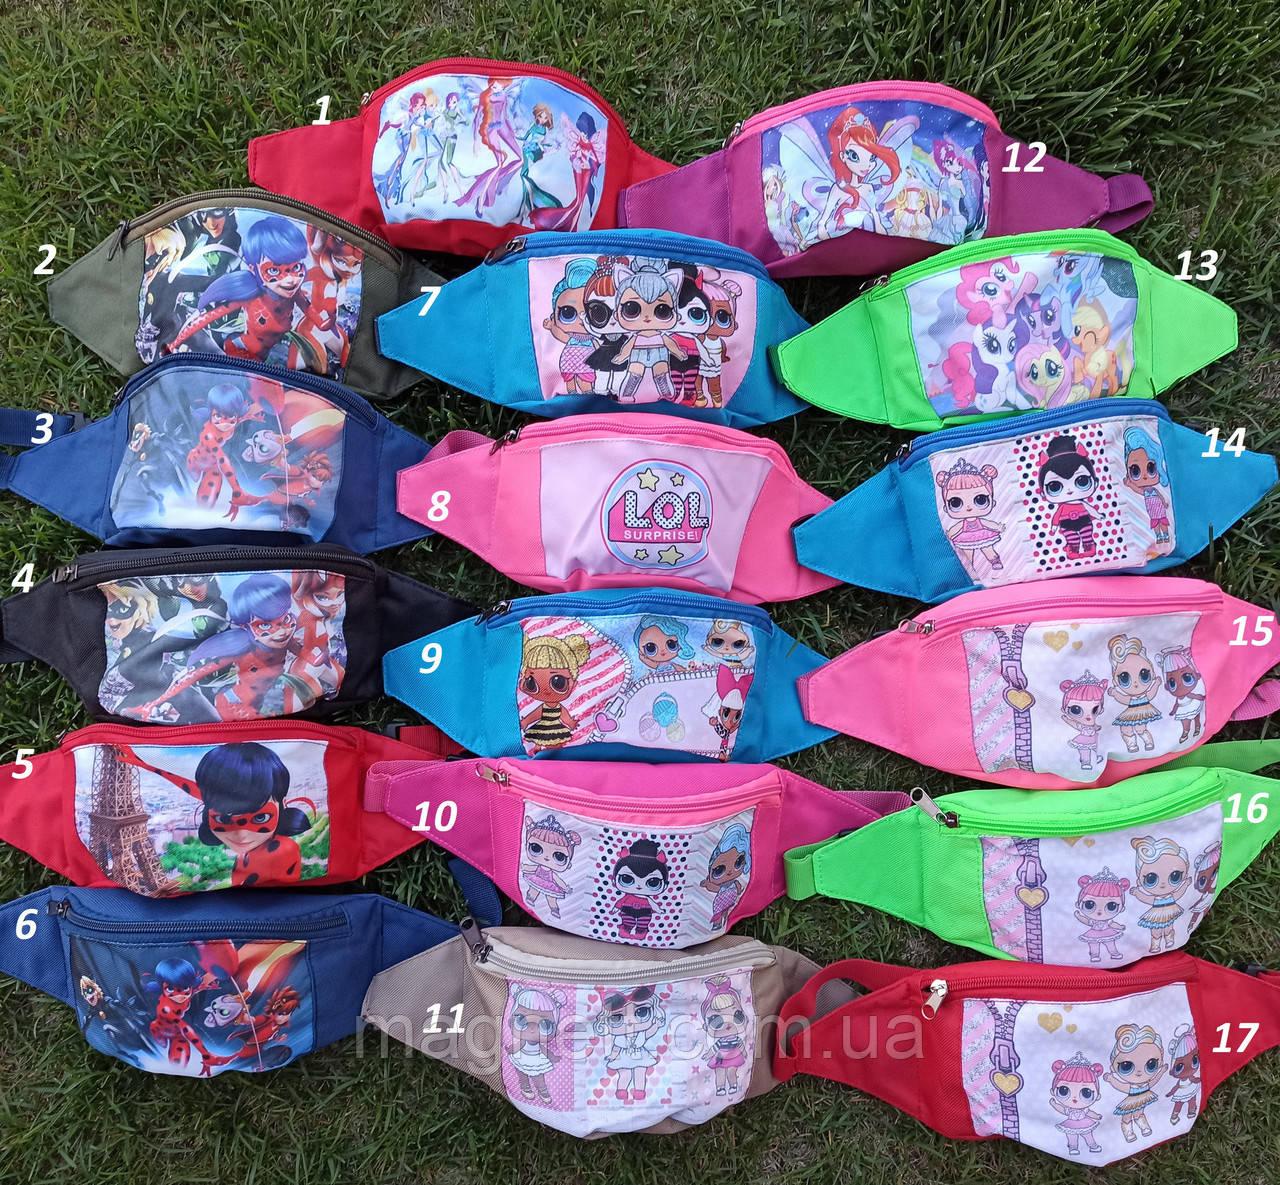 Детская поясная сумка бананка для девочек LOL, Леди Баг, Феи